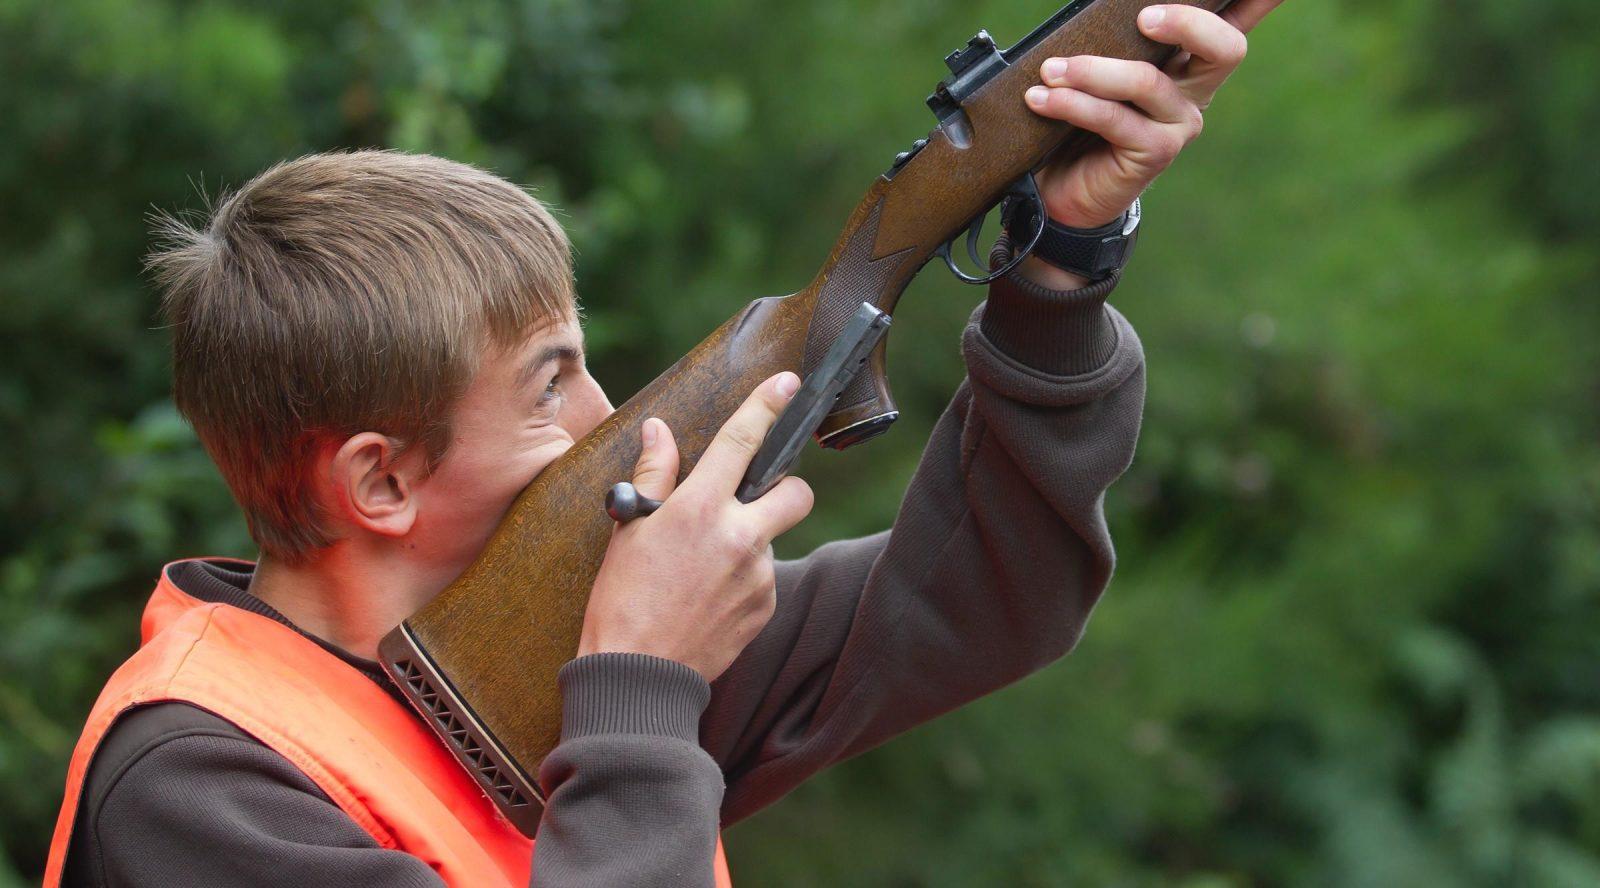 un chasseur vise dans son arme